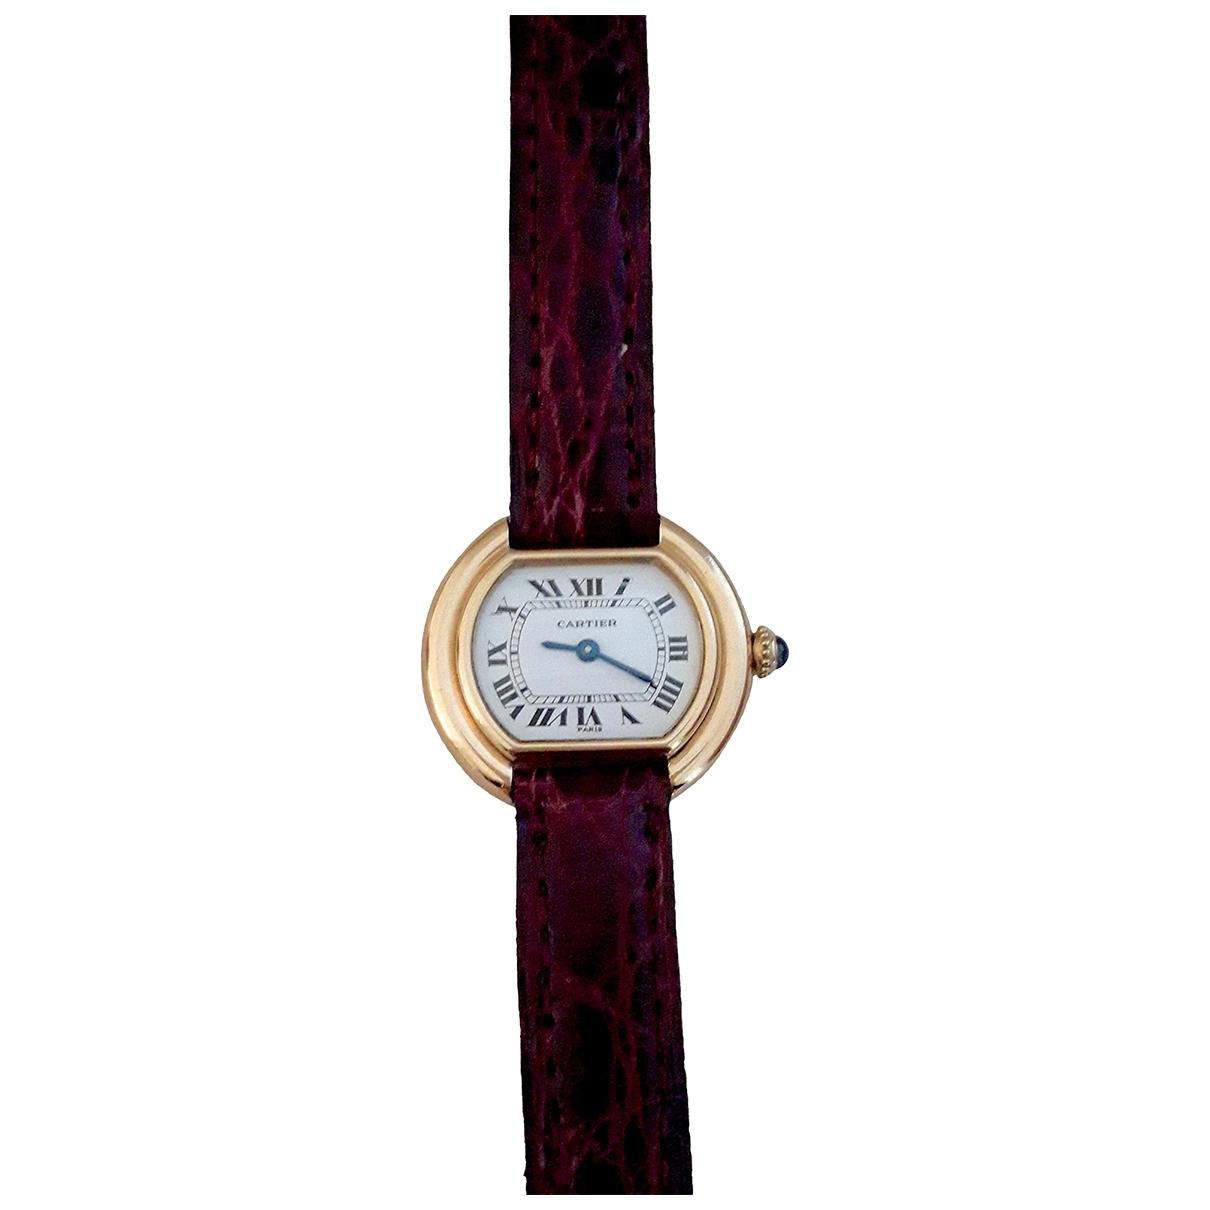 Cartier \N Uhr in  Weiss Gelbgold